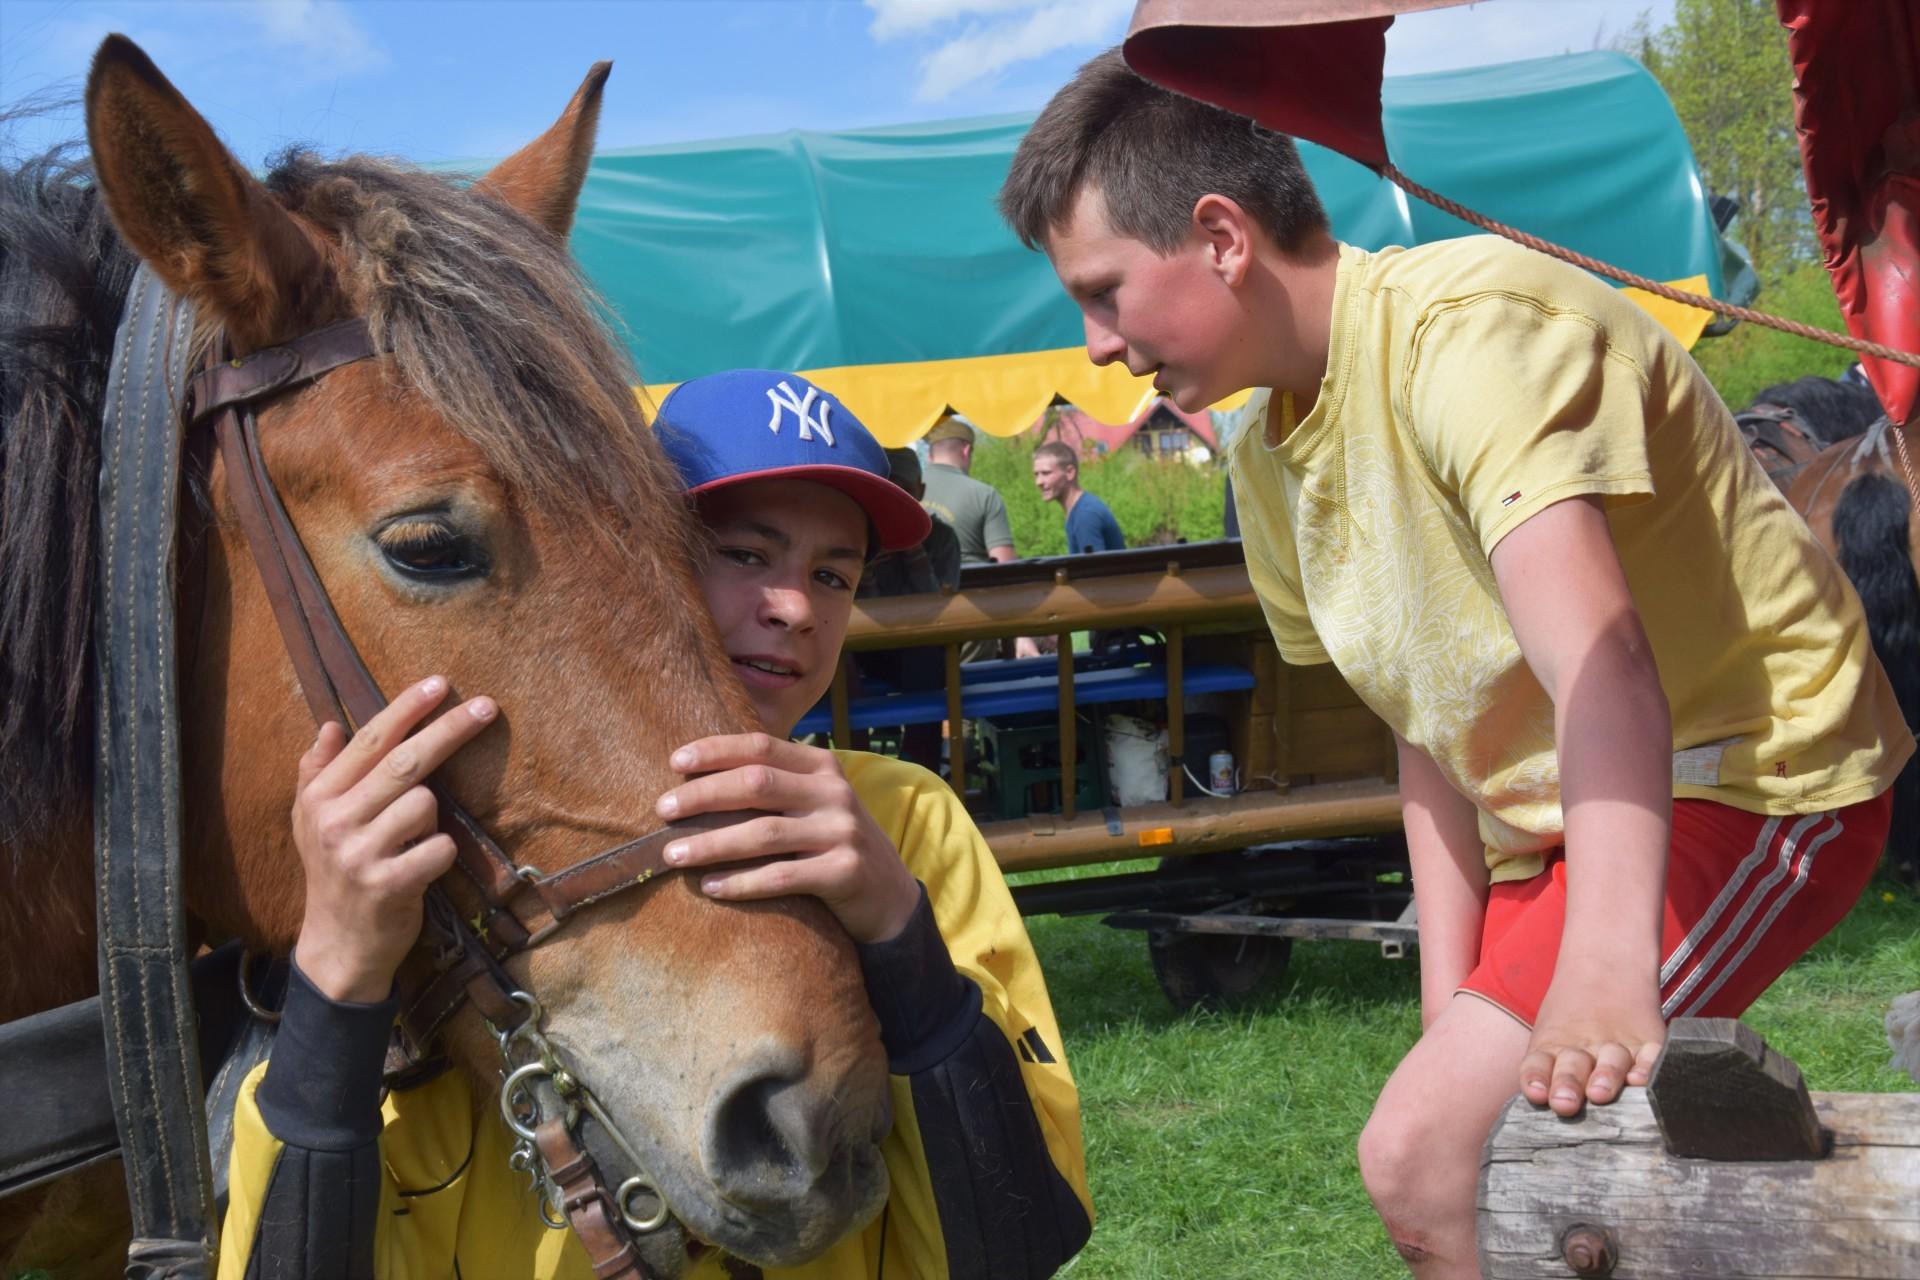 Konie, Kaszuby, Wiśta wio! Zawody w Ostrzycach [FOTOREPORTAŻ] 13